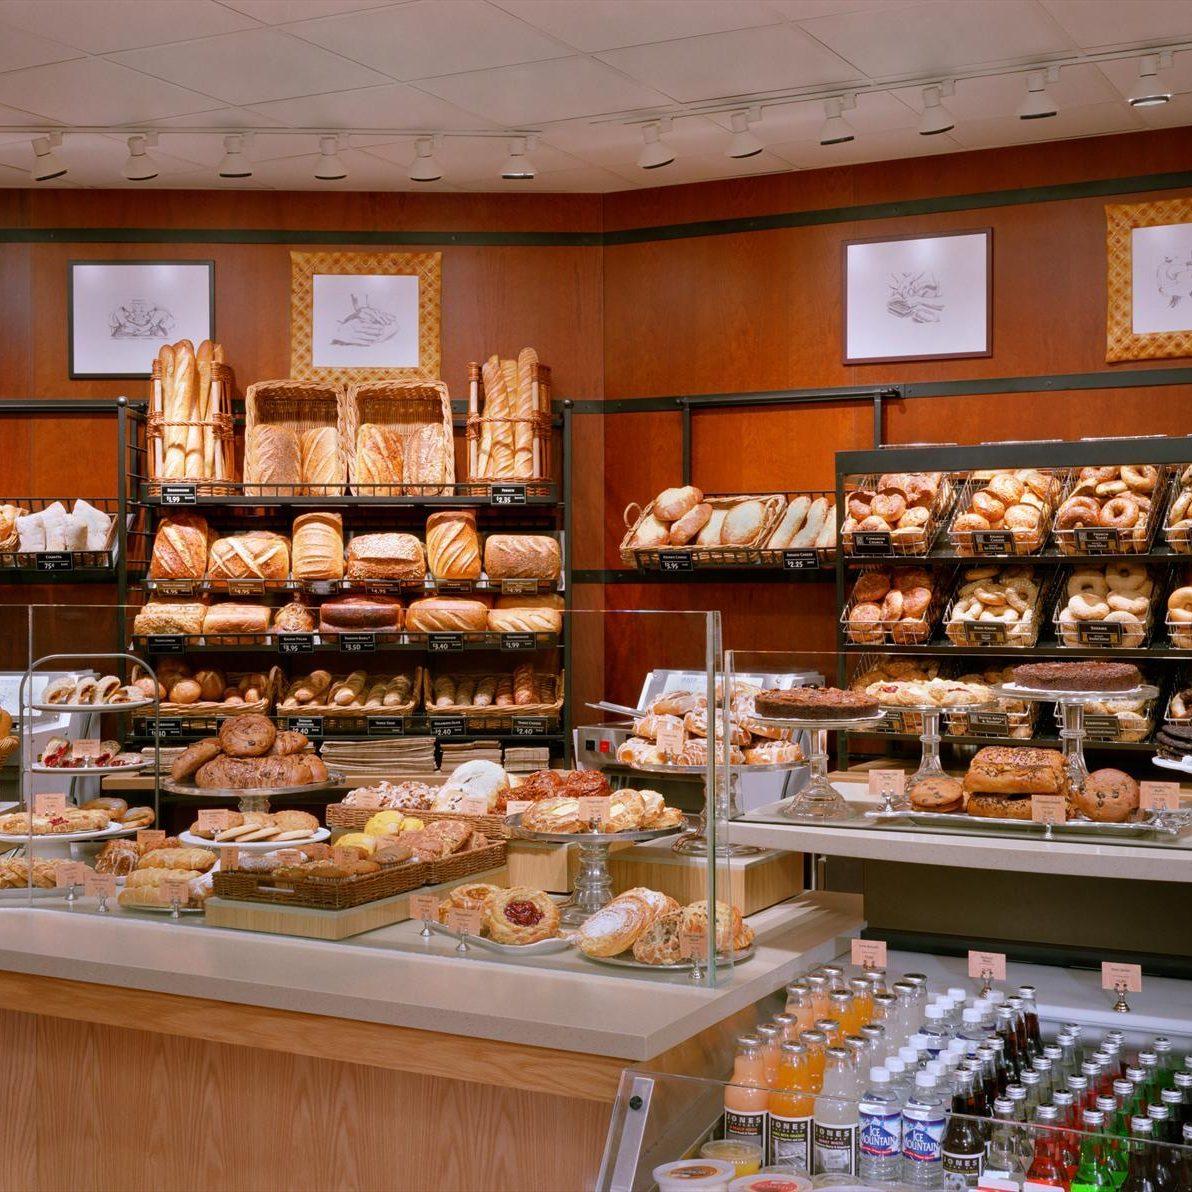 Panera bread company arthur a thompson